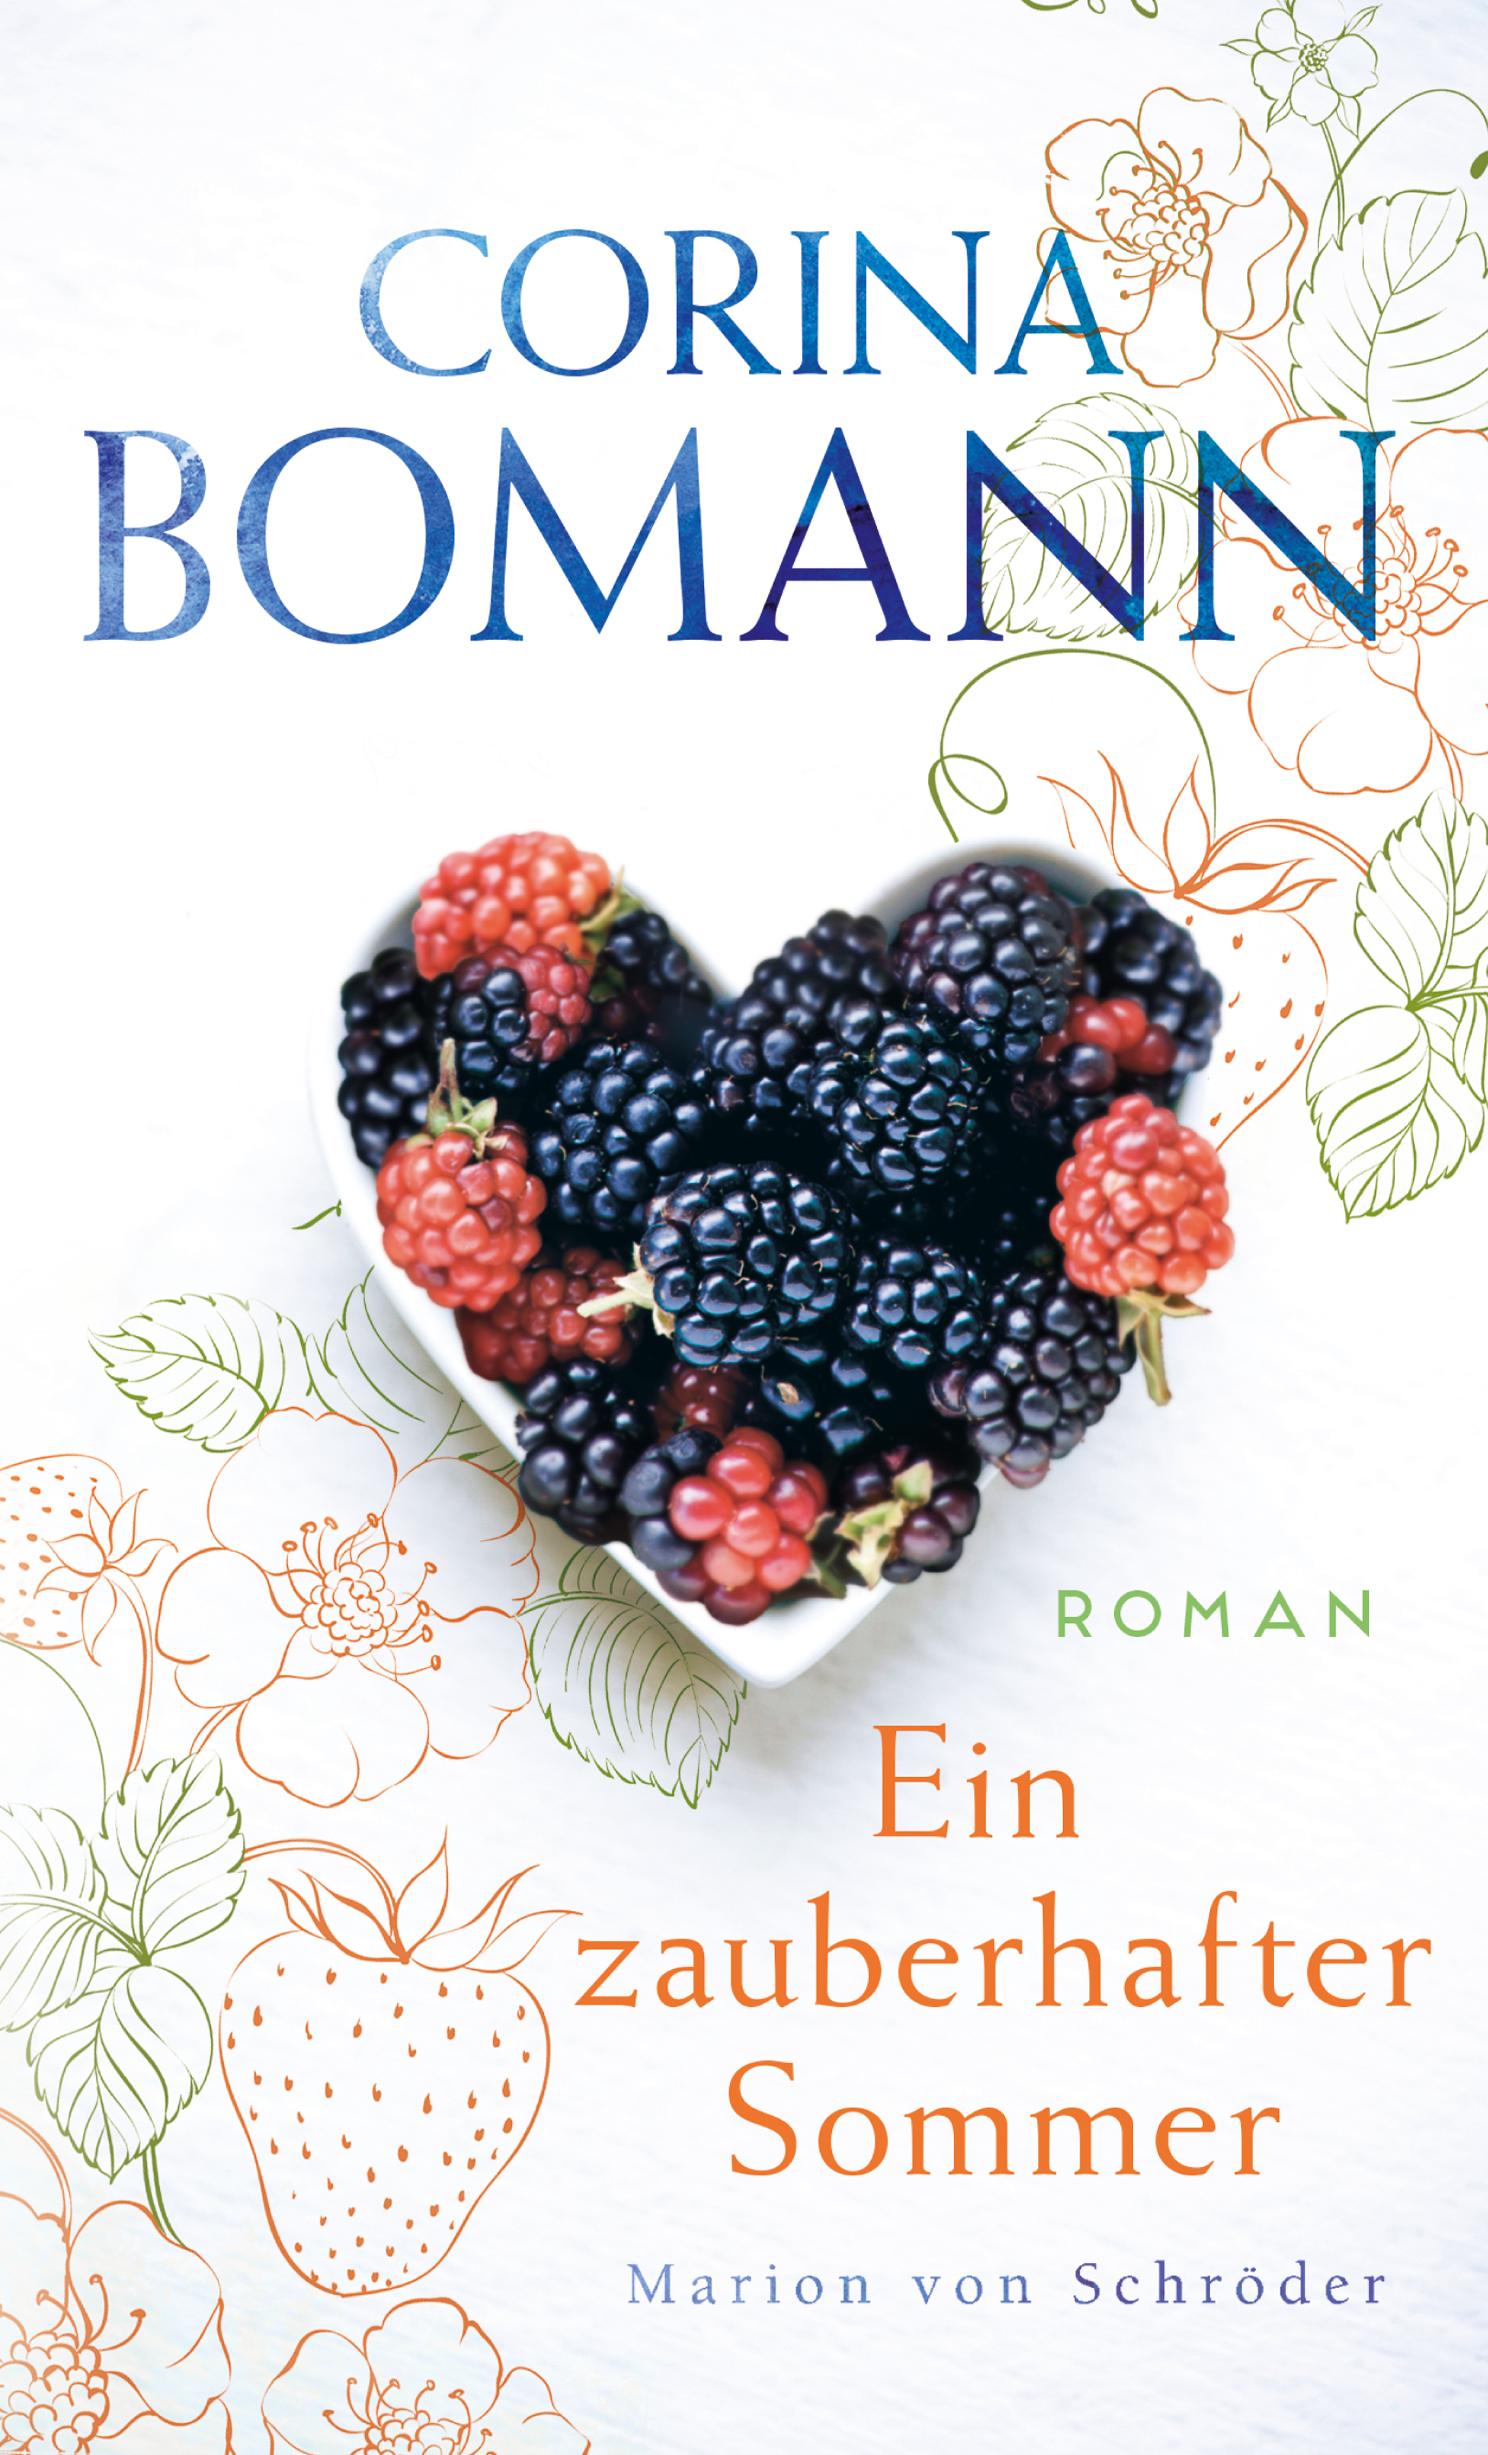 Ein zauberhafter Sommer - Corina Bomann